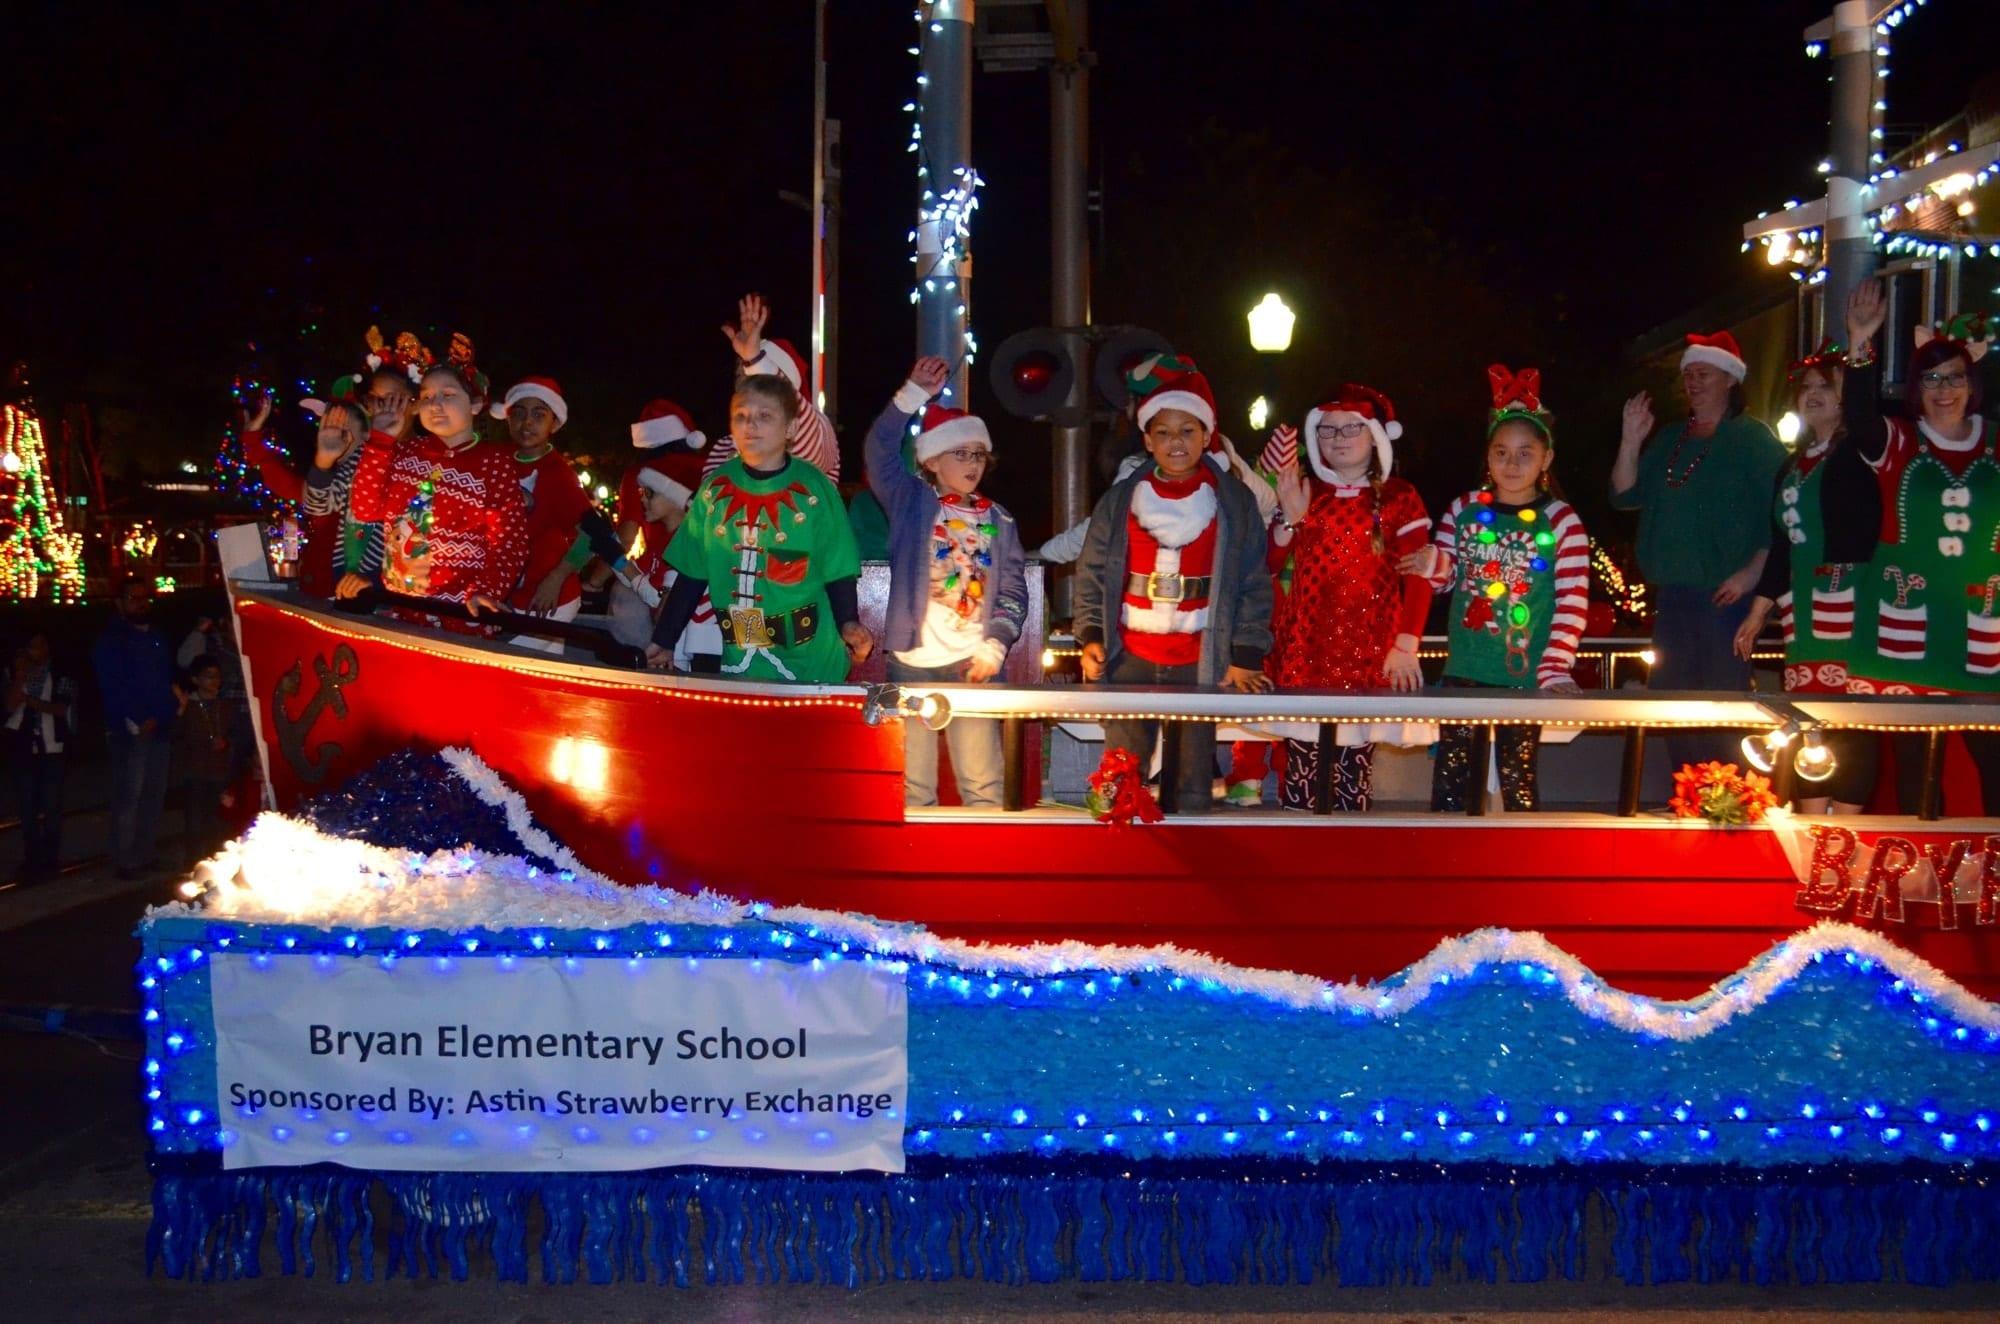 Dade City Christmas Parade 2019 Santa's jolly parade | Plant City Observer